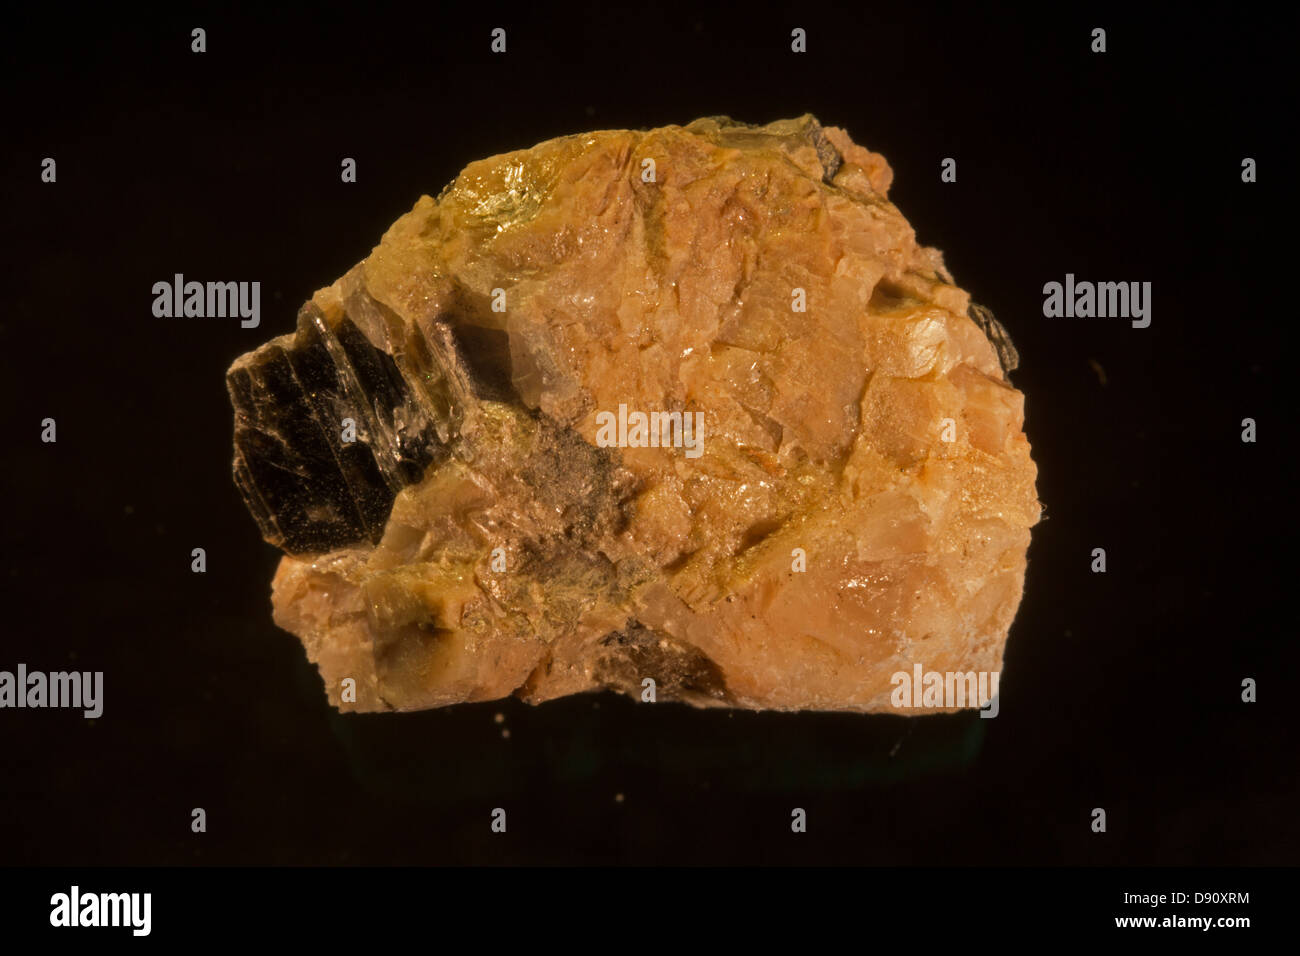 Yttrotantalite, Sweden. Rare earth element ore of Yttrium. - Stock Image